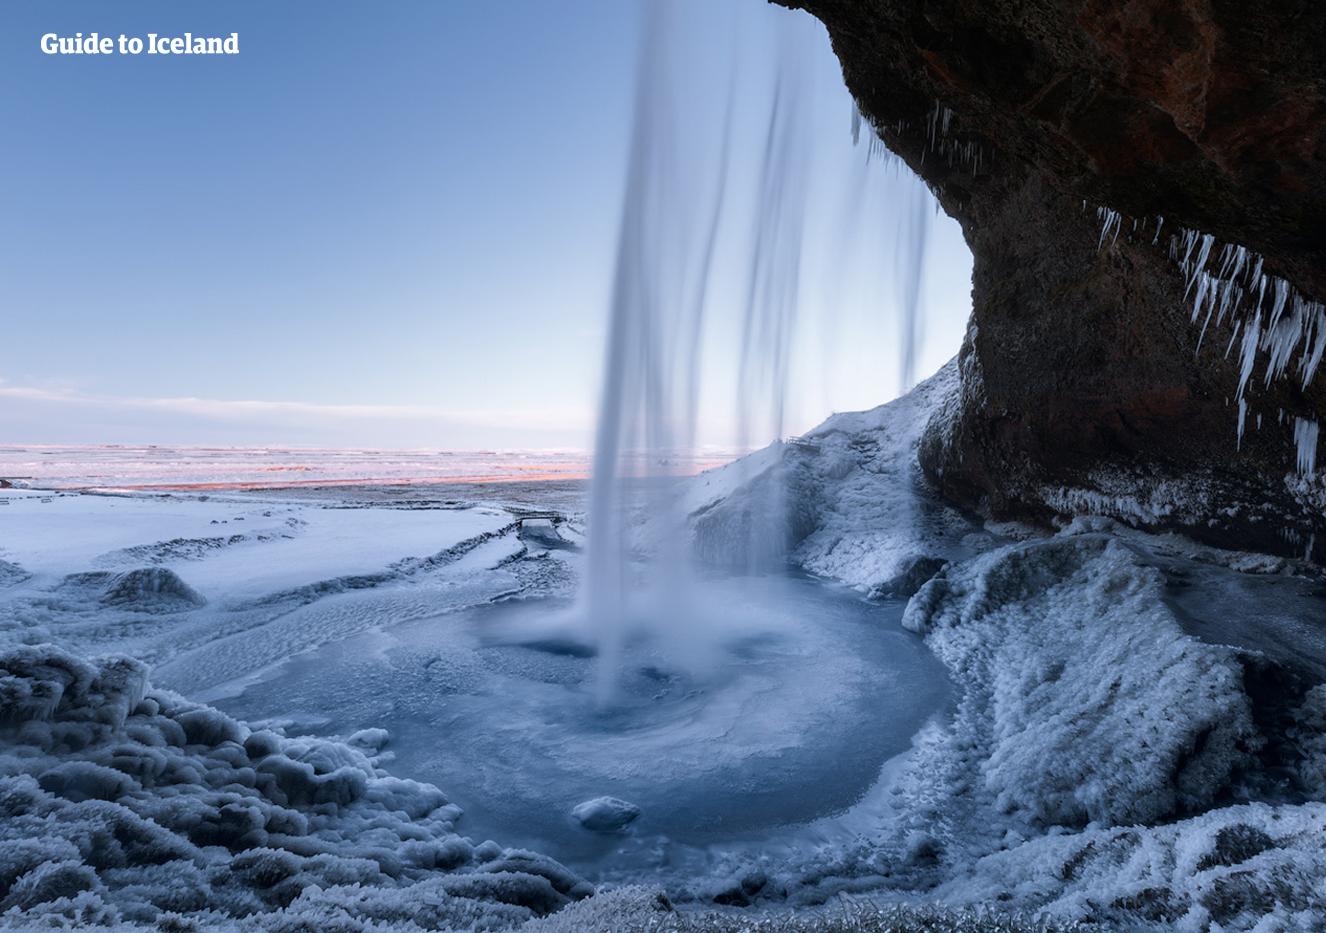 Disfruta de la vista desde detrás del agua de manantial que cae de la cascada Seljalandsfoss en la Costa Sur.